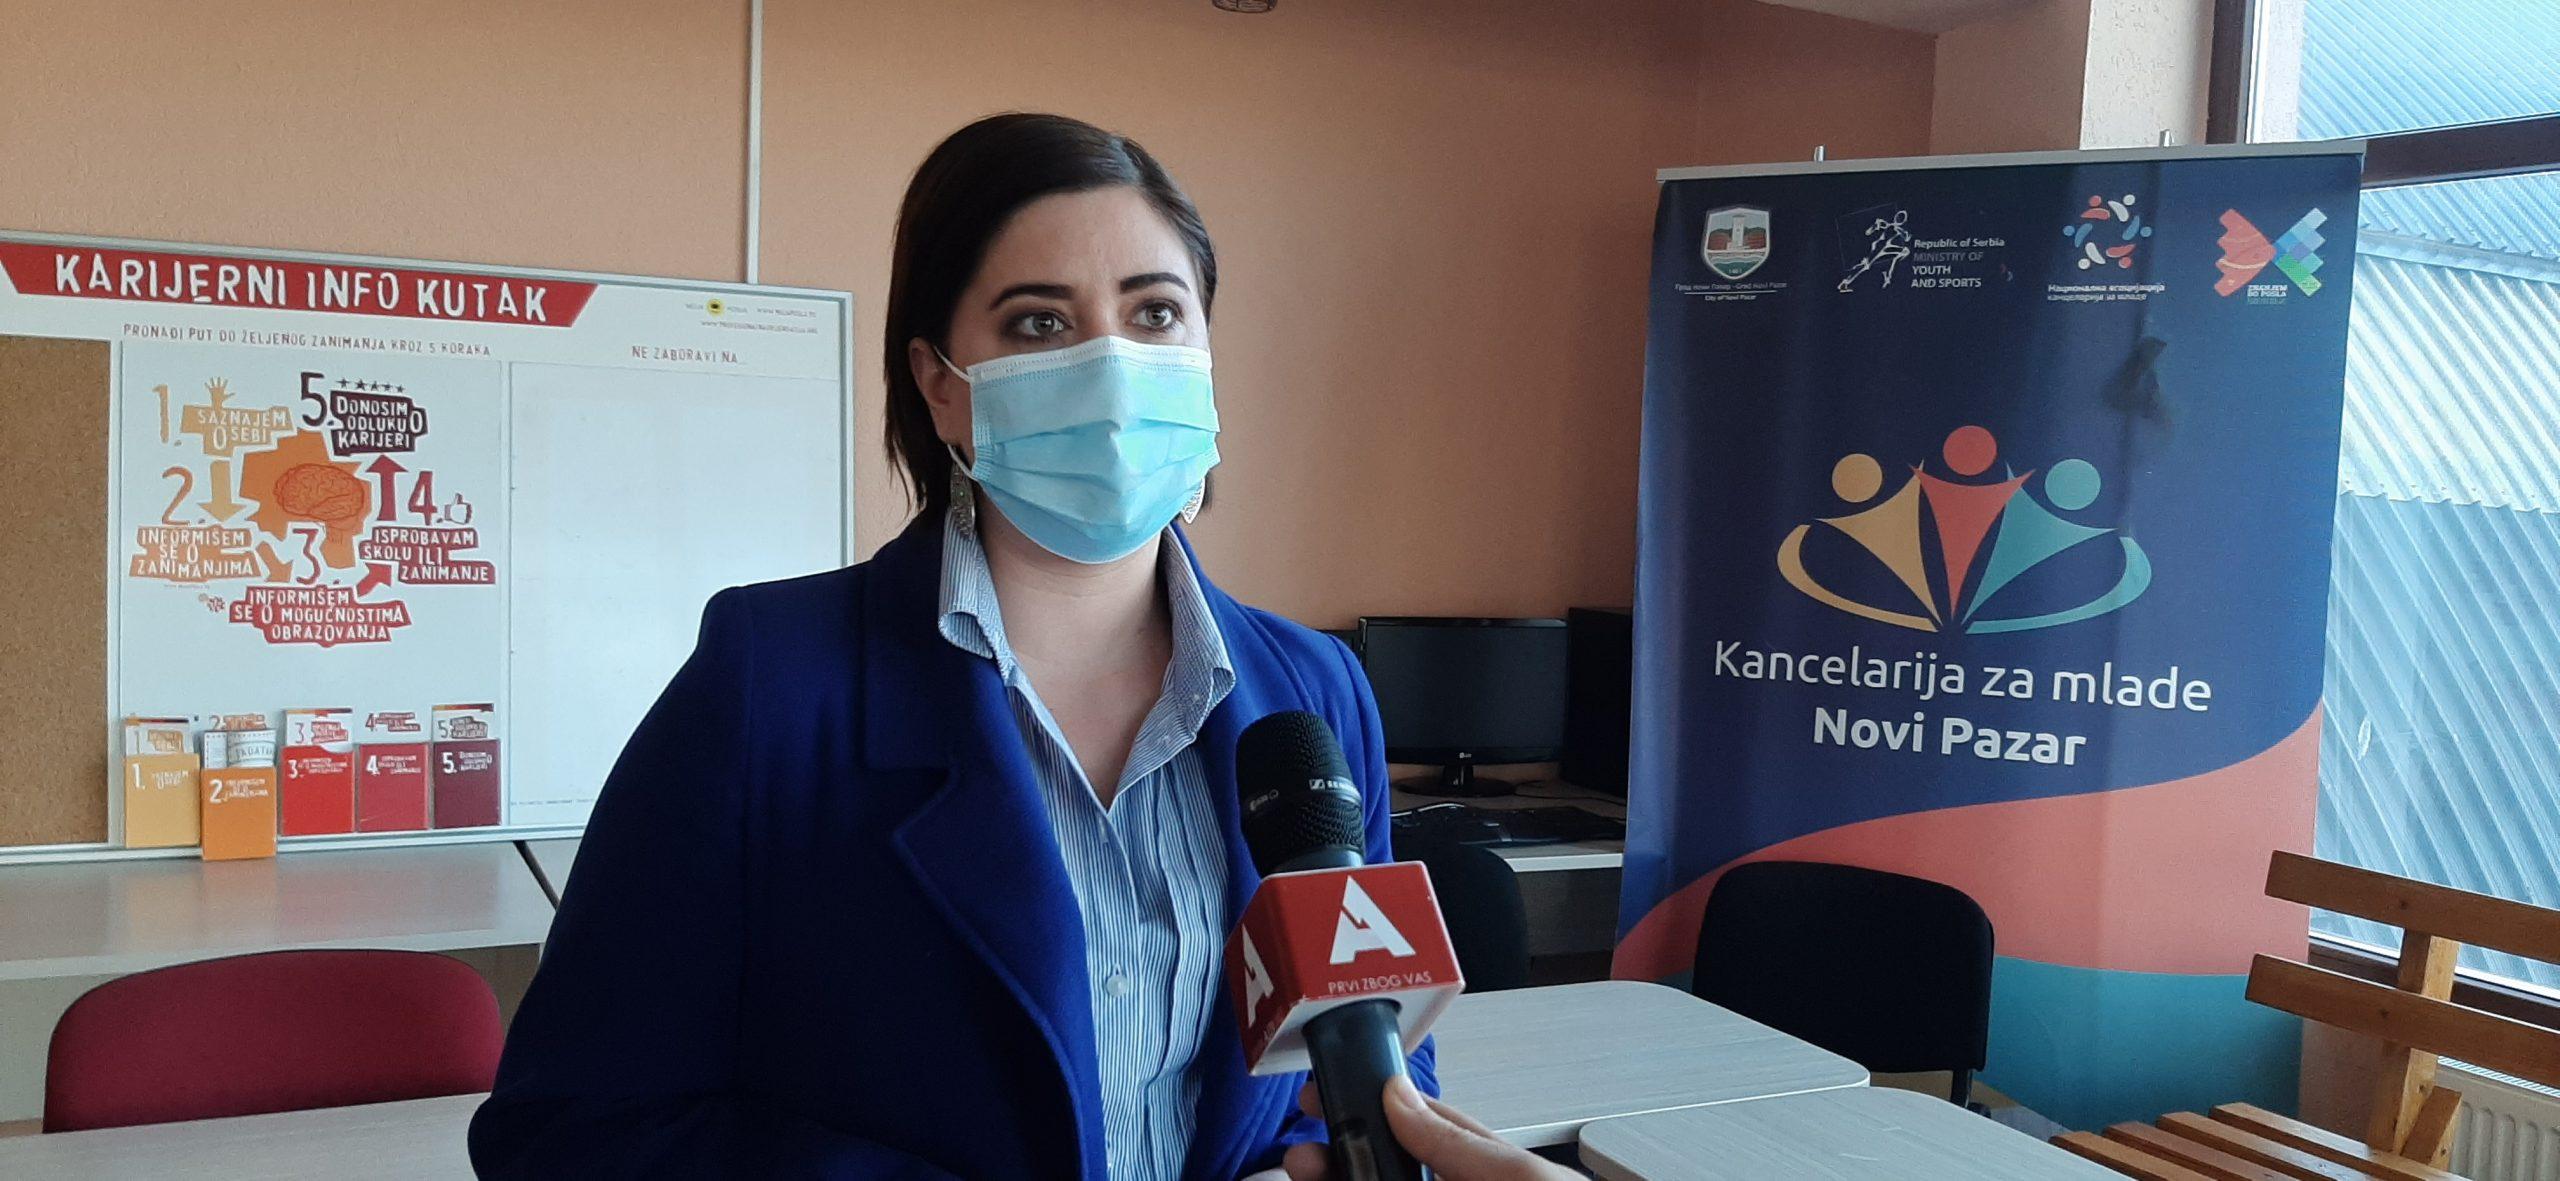 """Kancelarija za mlade pokreće kampanju """"U ovoj borbi svi smo isti"""" (video)"""